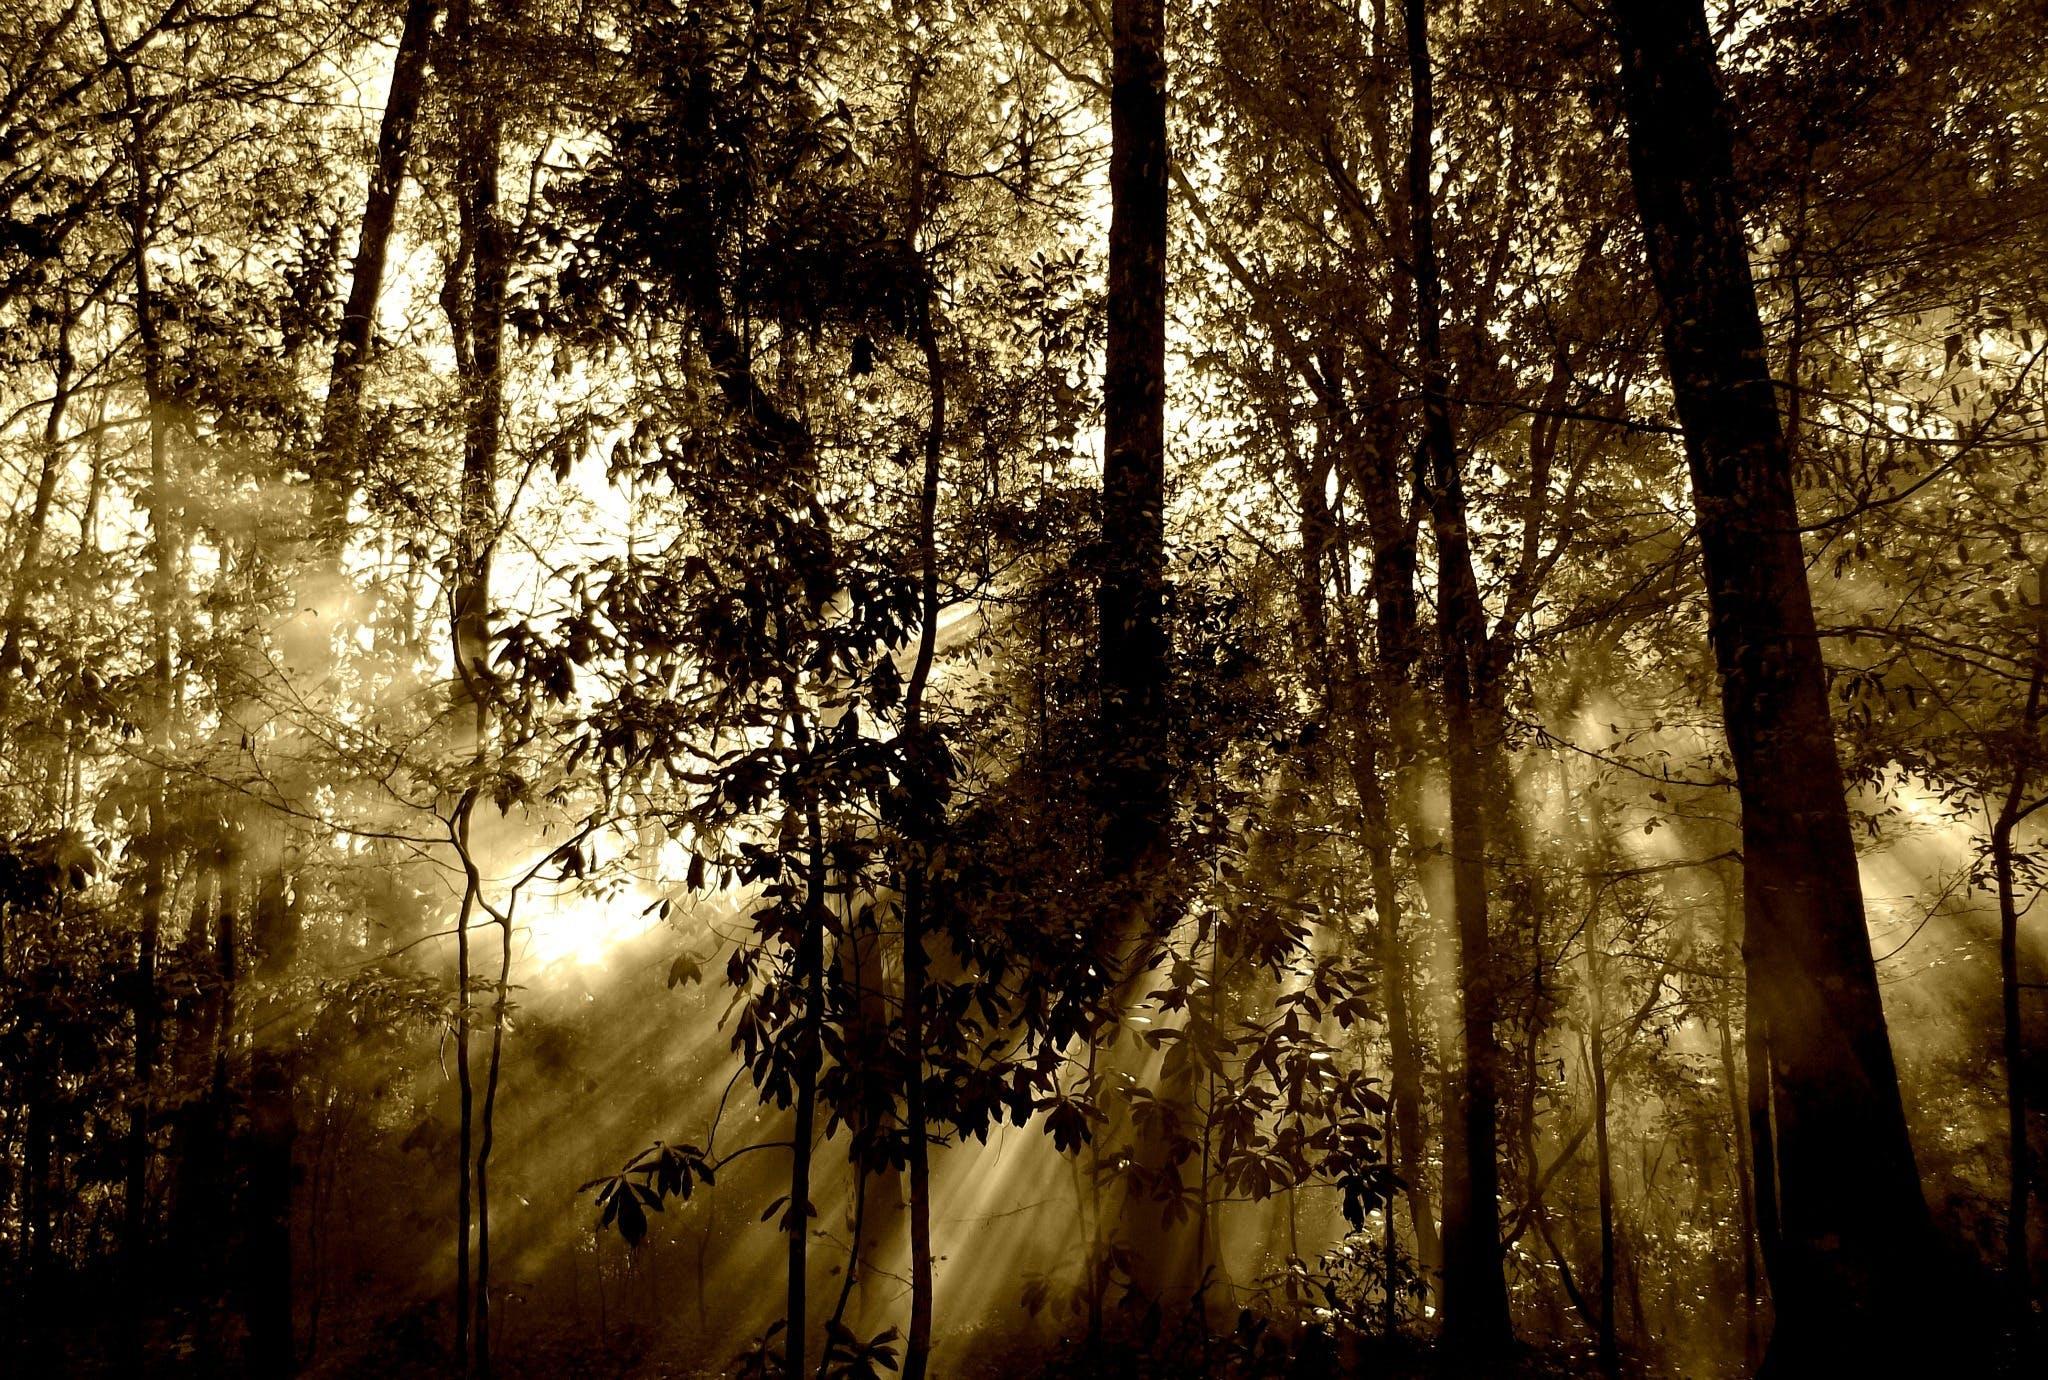 Gratis arkivbilde med natur, skog, trær